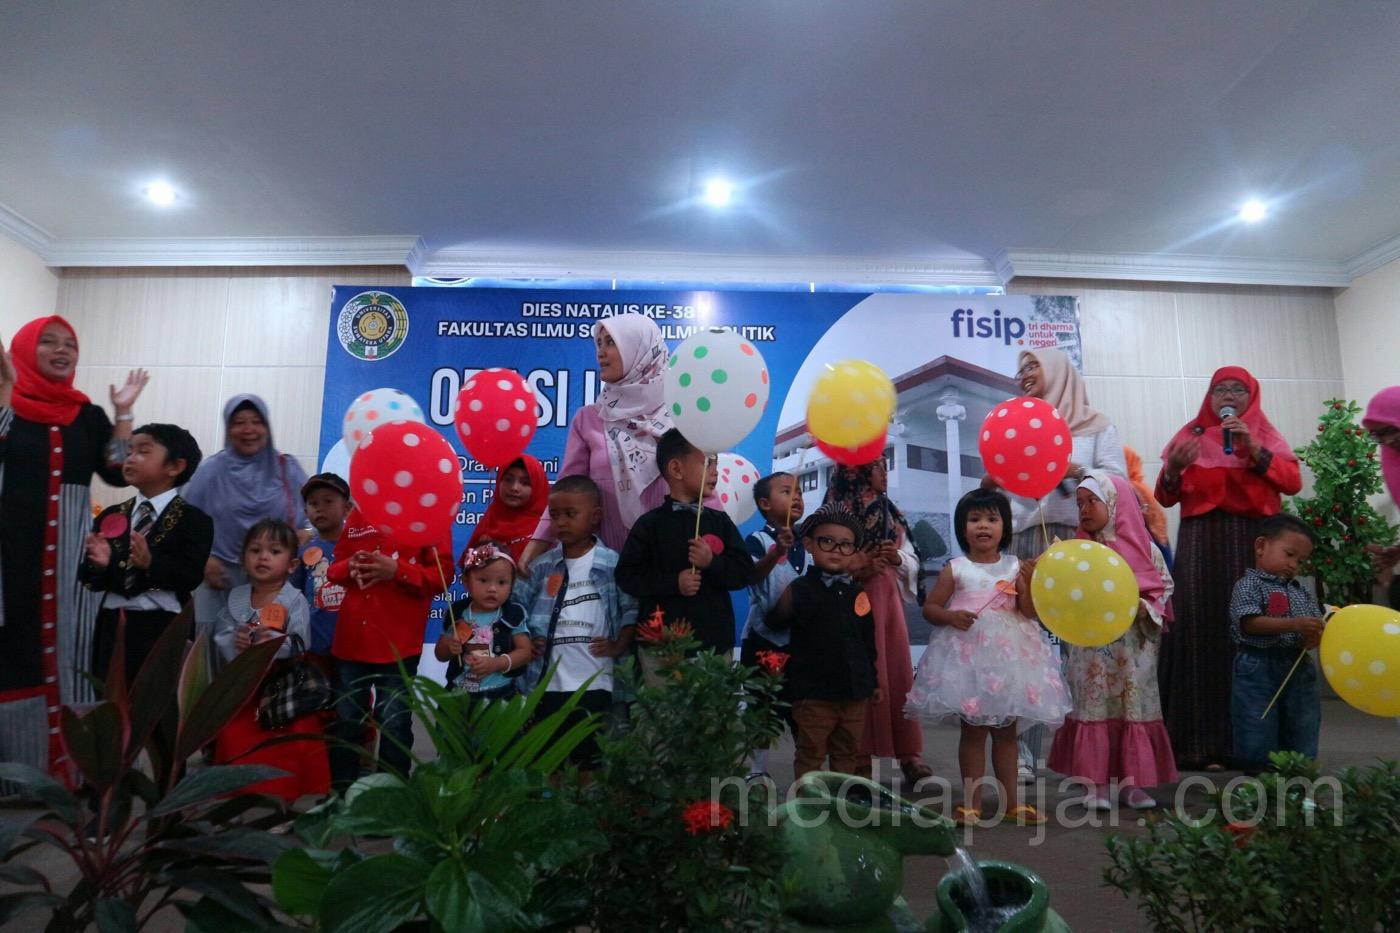 Fashion Show Anak sebagai salah satu rangkaian dalam puncak perayaan Dies Natalis ke-38 FISIP USU (5/10).  (Fotografer: Star Munthe)